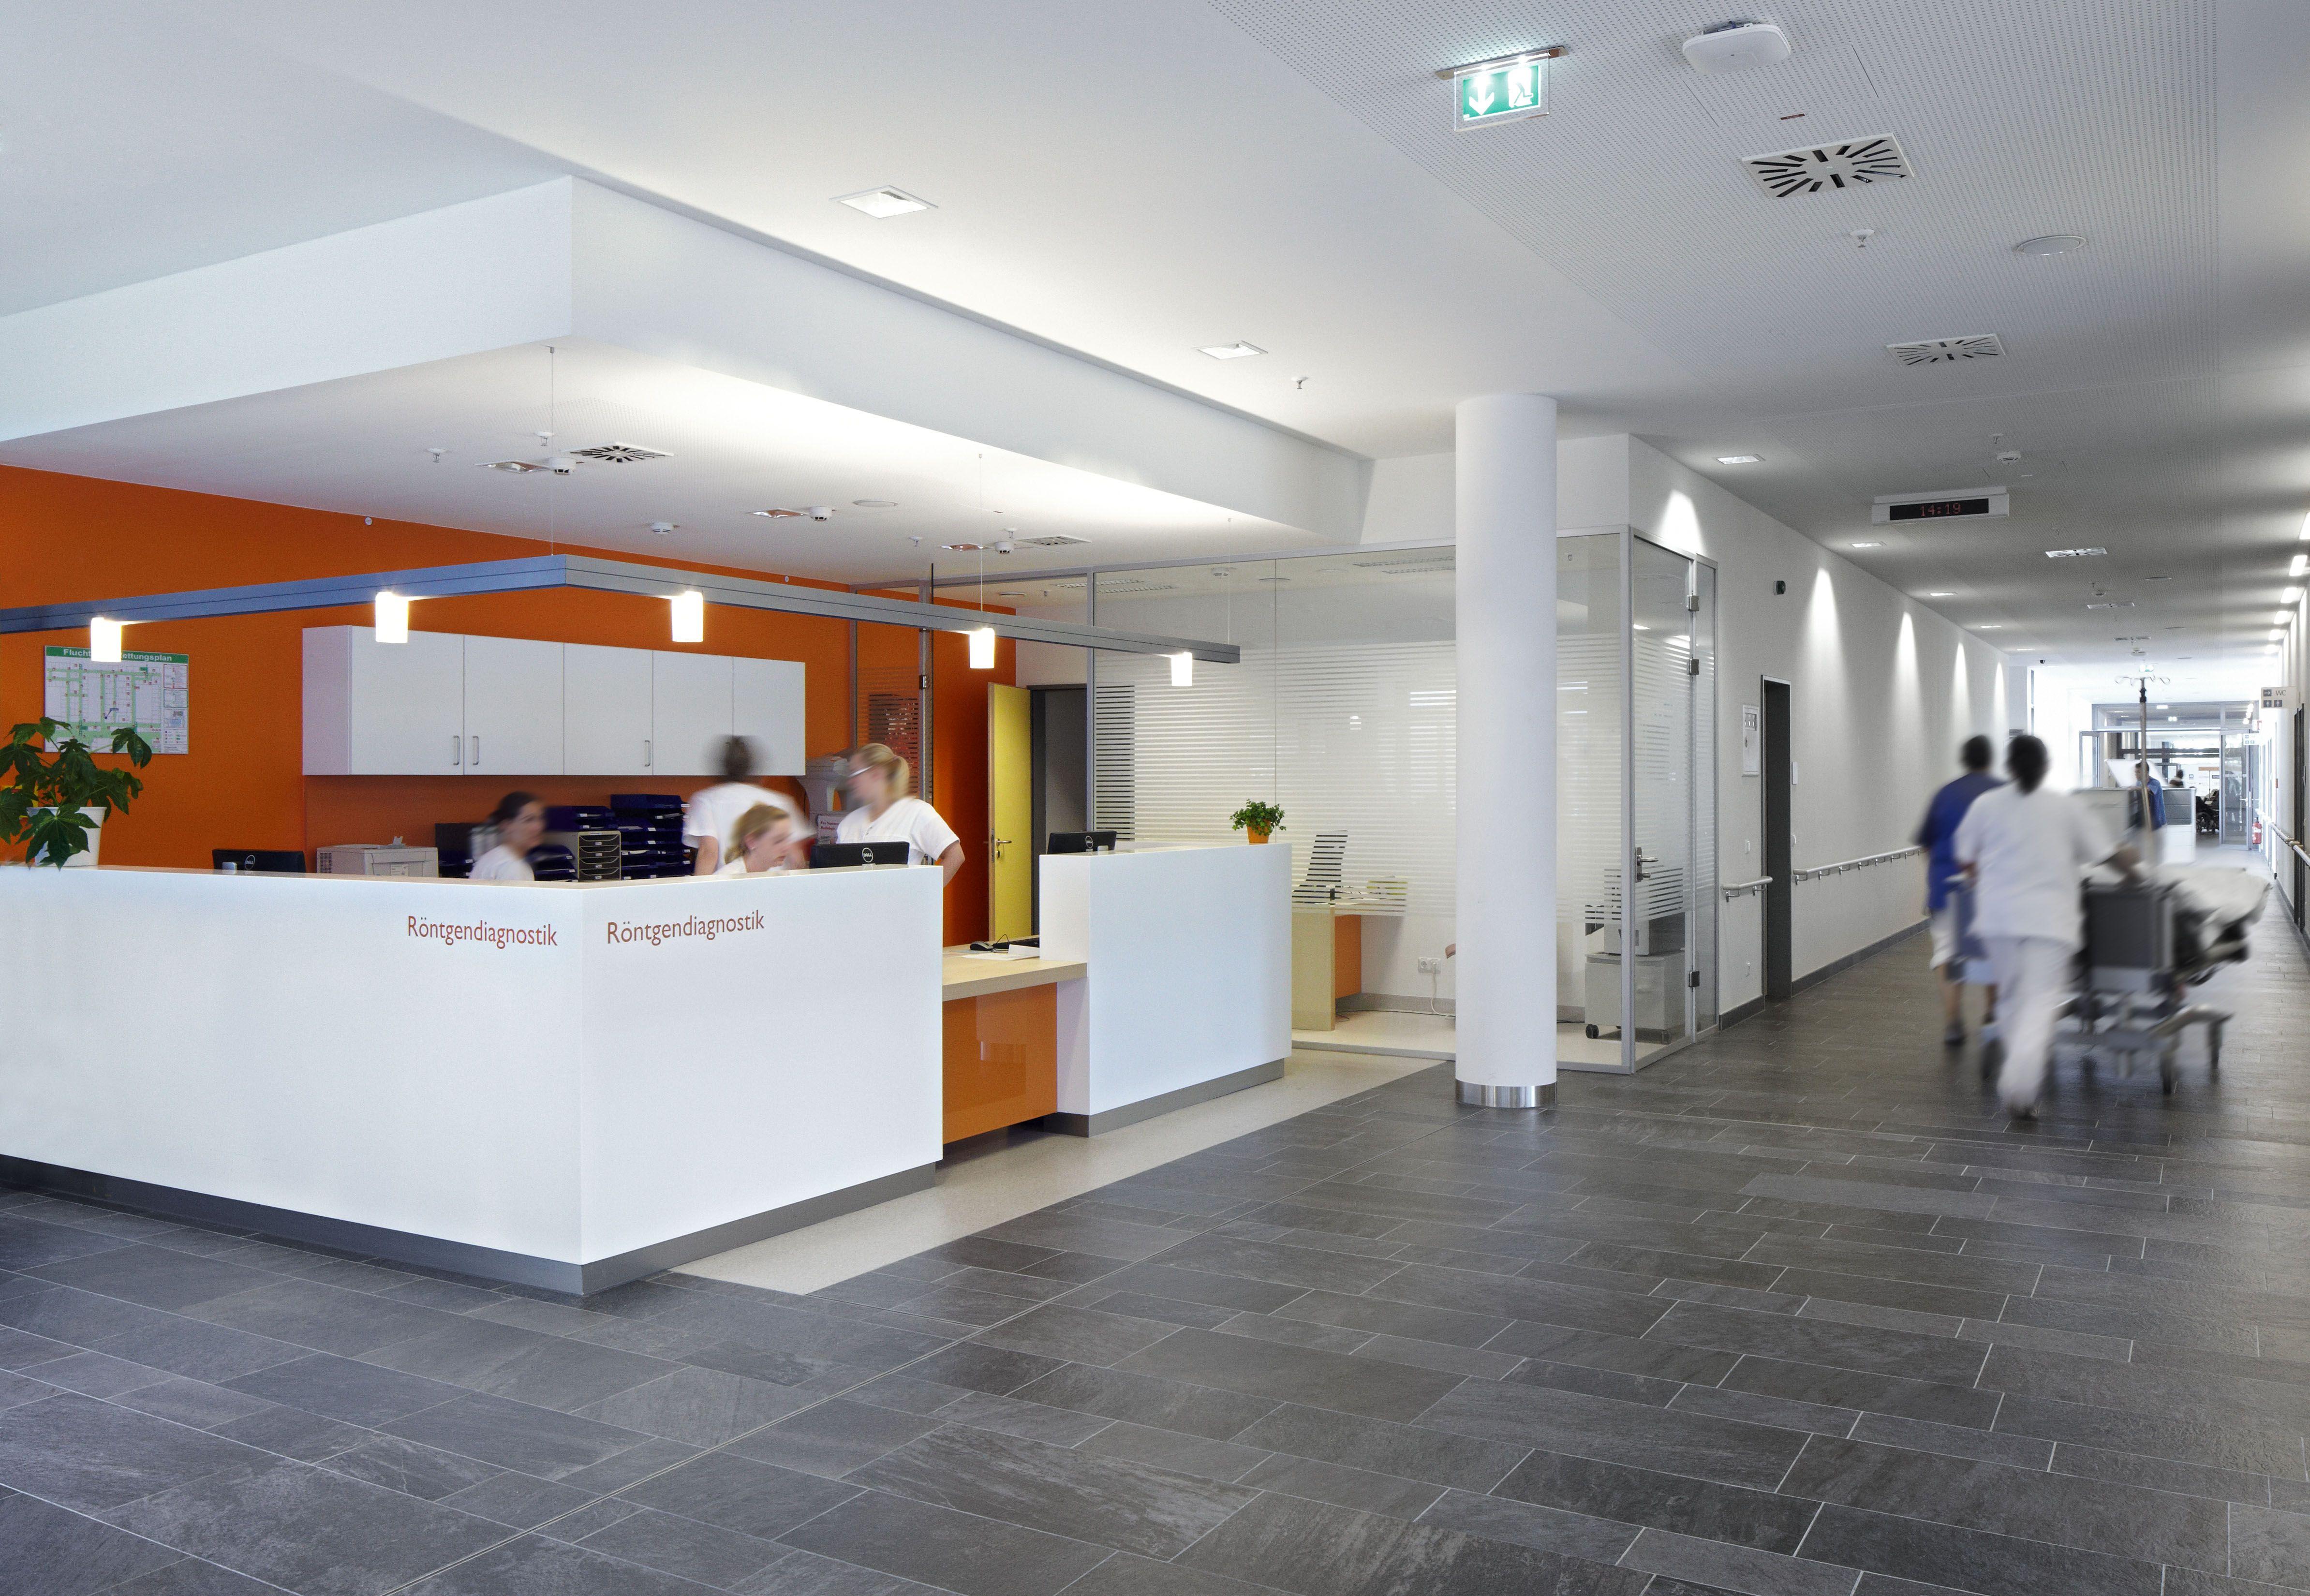 Stützpunkt im Schwarzwald-Baar Klinikum in Villingen-Schwenningen ...